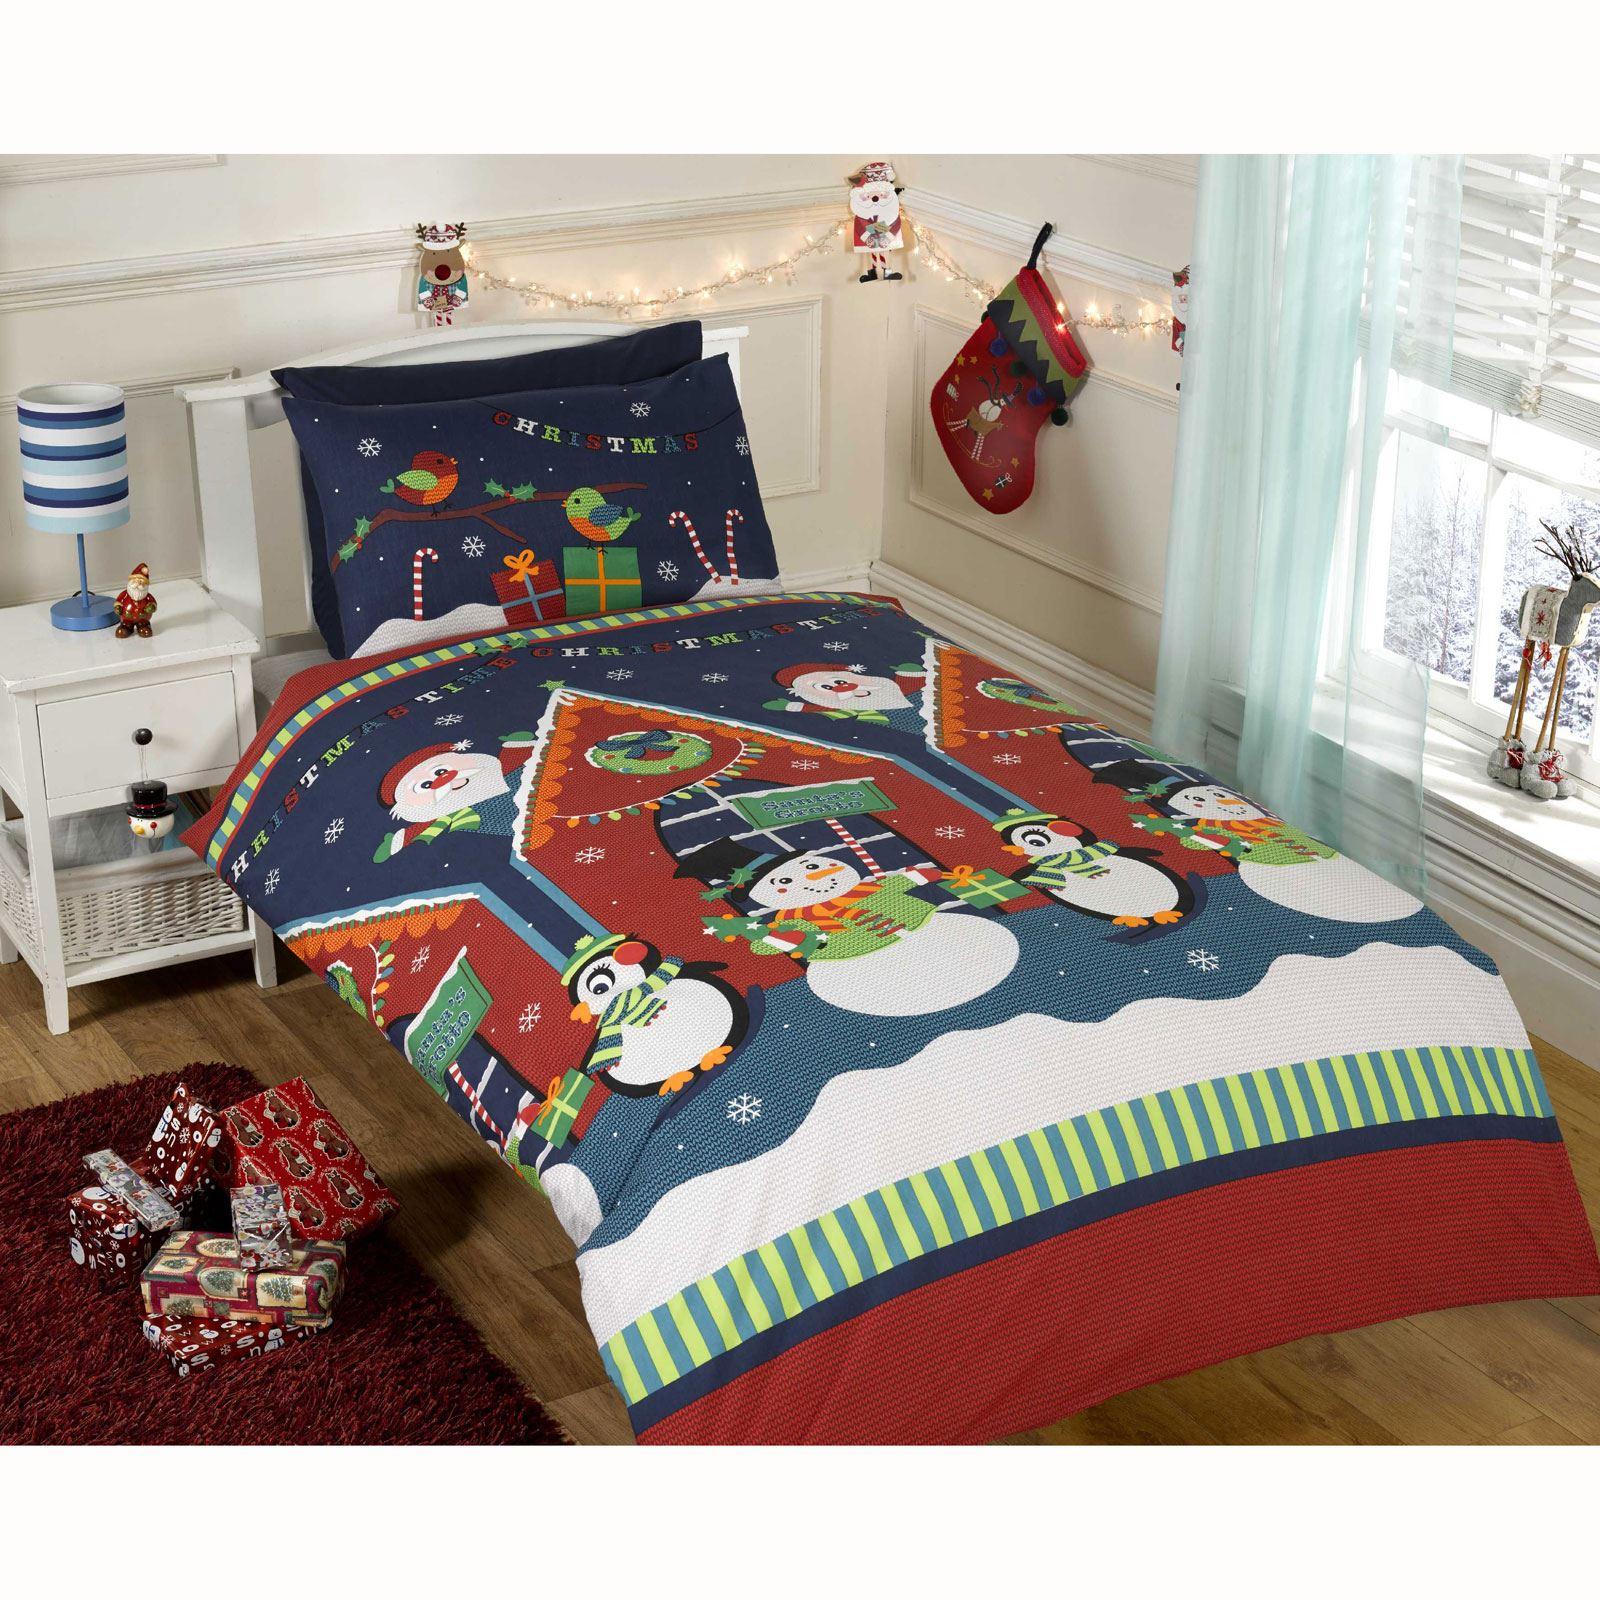 Indexbild 69 - Kinder Weihnachten Bettbezug Sets - Junior Einzel Doppel King - Elf Emoji Grinch